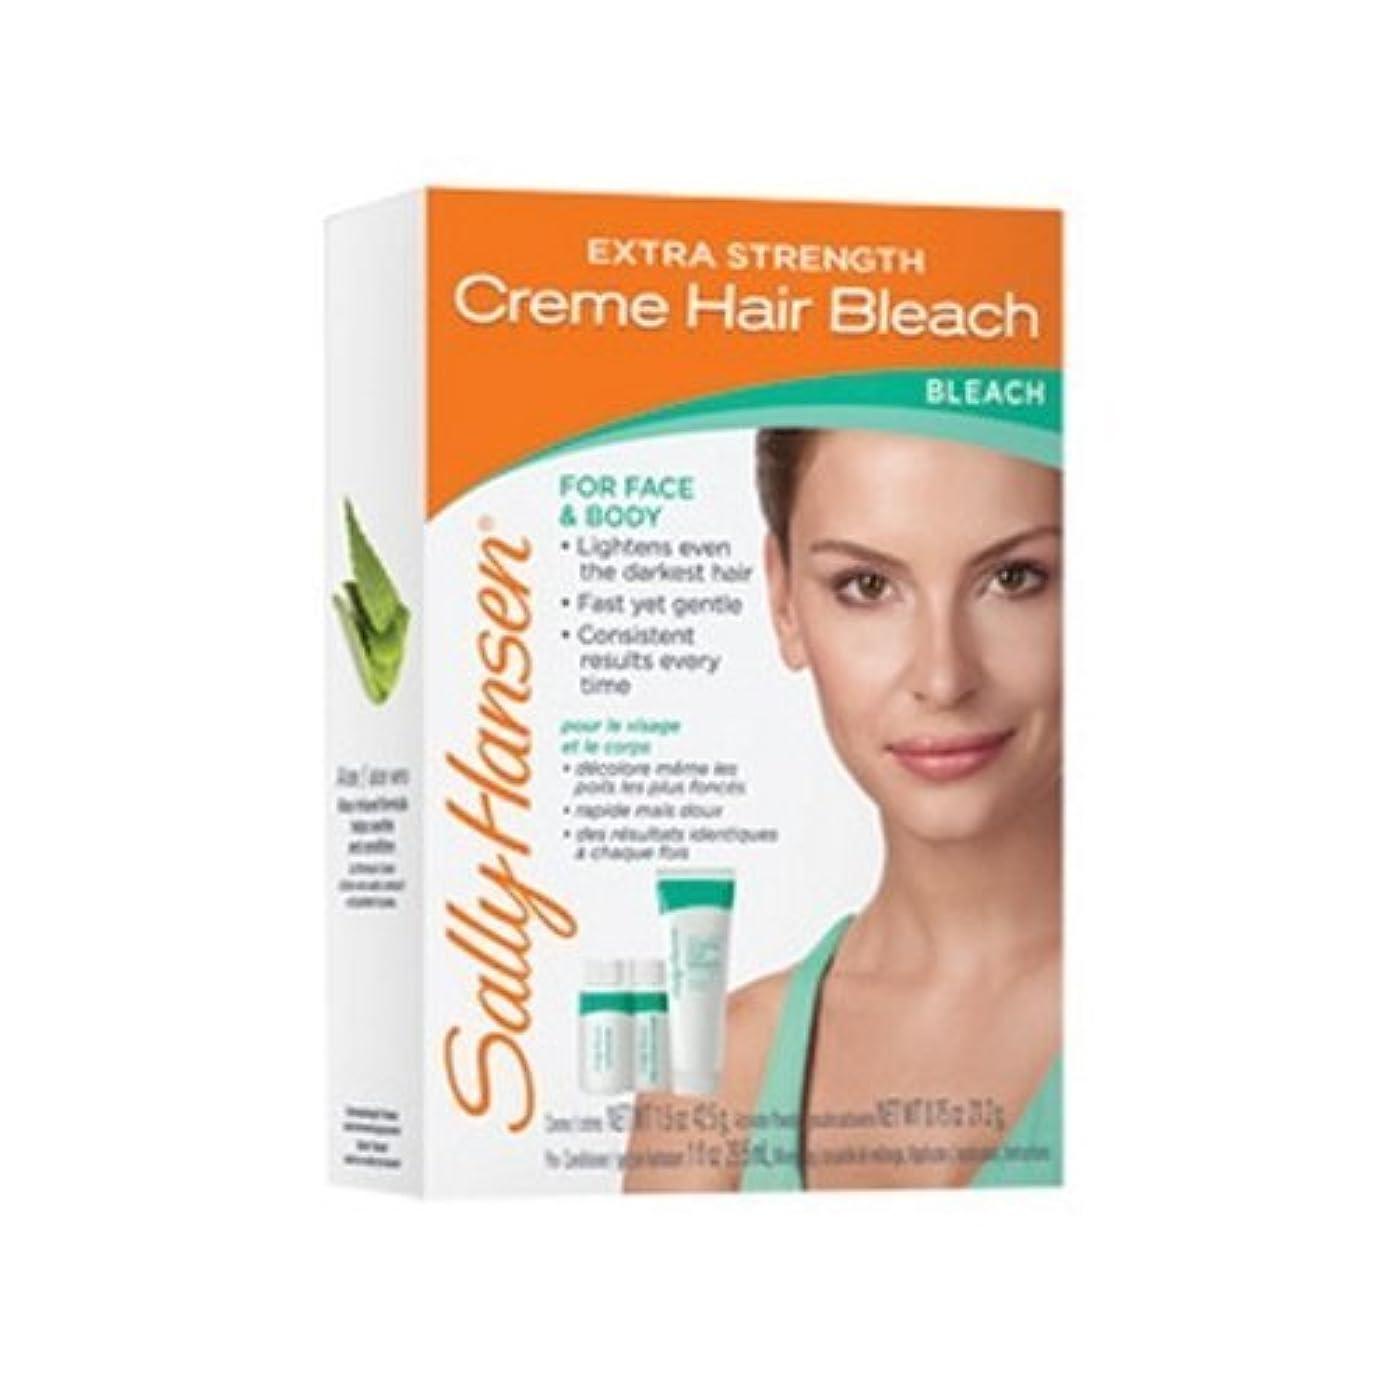 パス降伏愛情深い(3 Pack) SALLY HANSEN Extra Strength Creme Hair Bleach for Face & Body - SH2010 (並行輸入品)